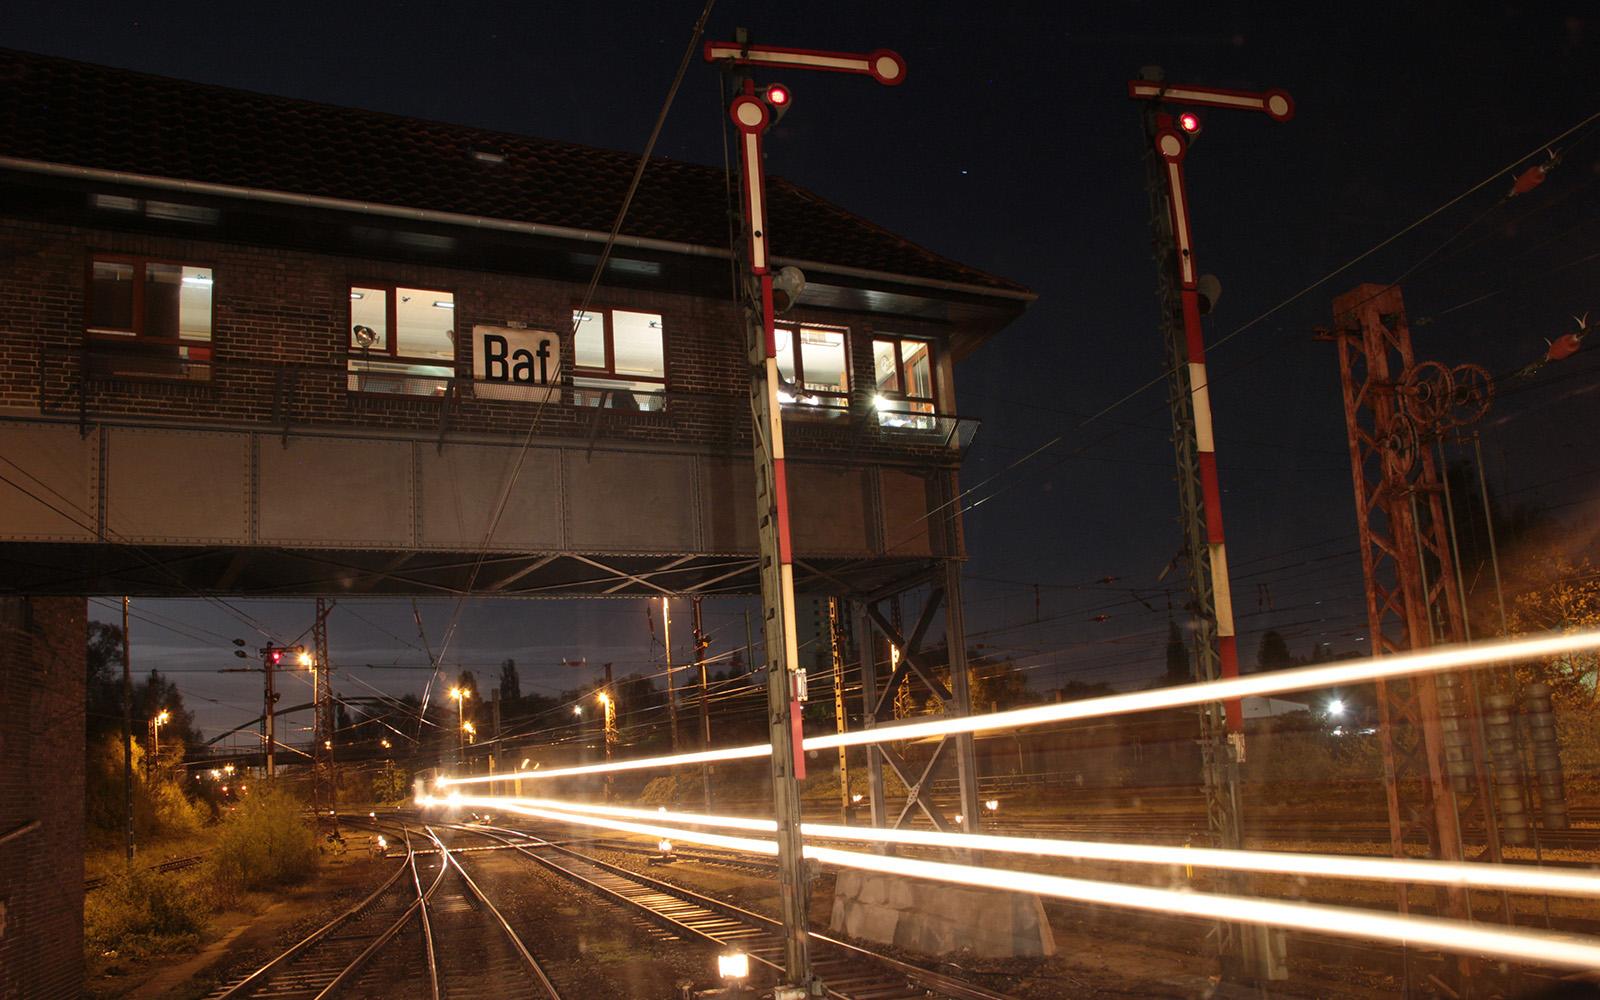 Foto: Rangierbahnhof in Bremen bei Nacht. Fotografiert von railmen-Lokführer Denis Herwig.